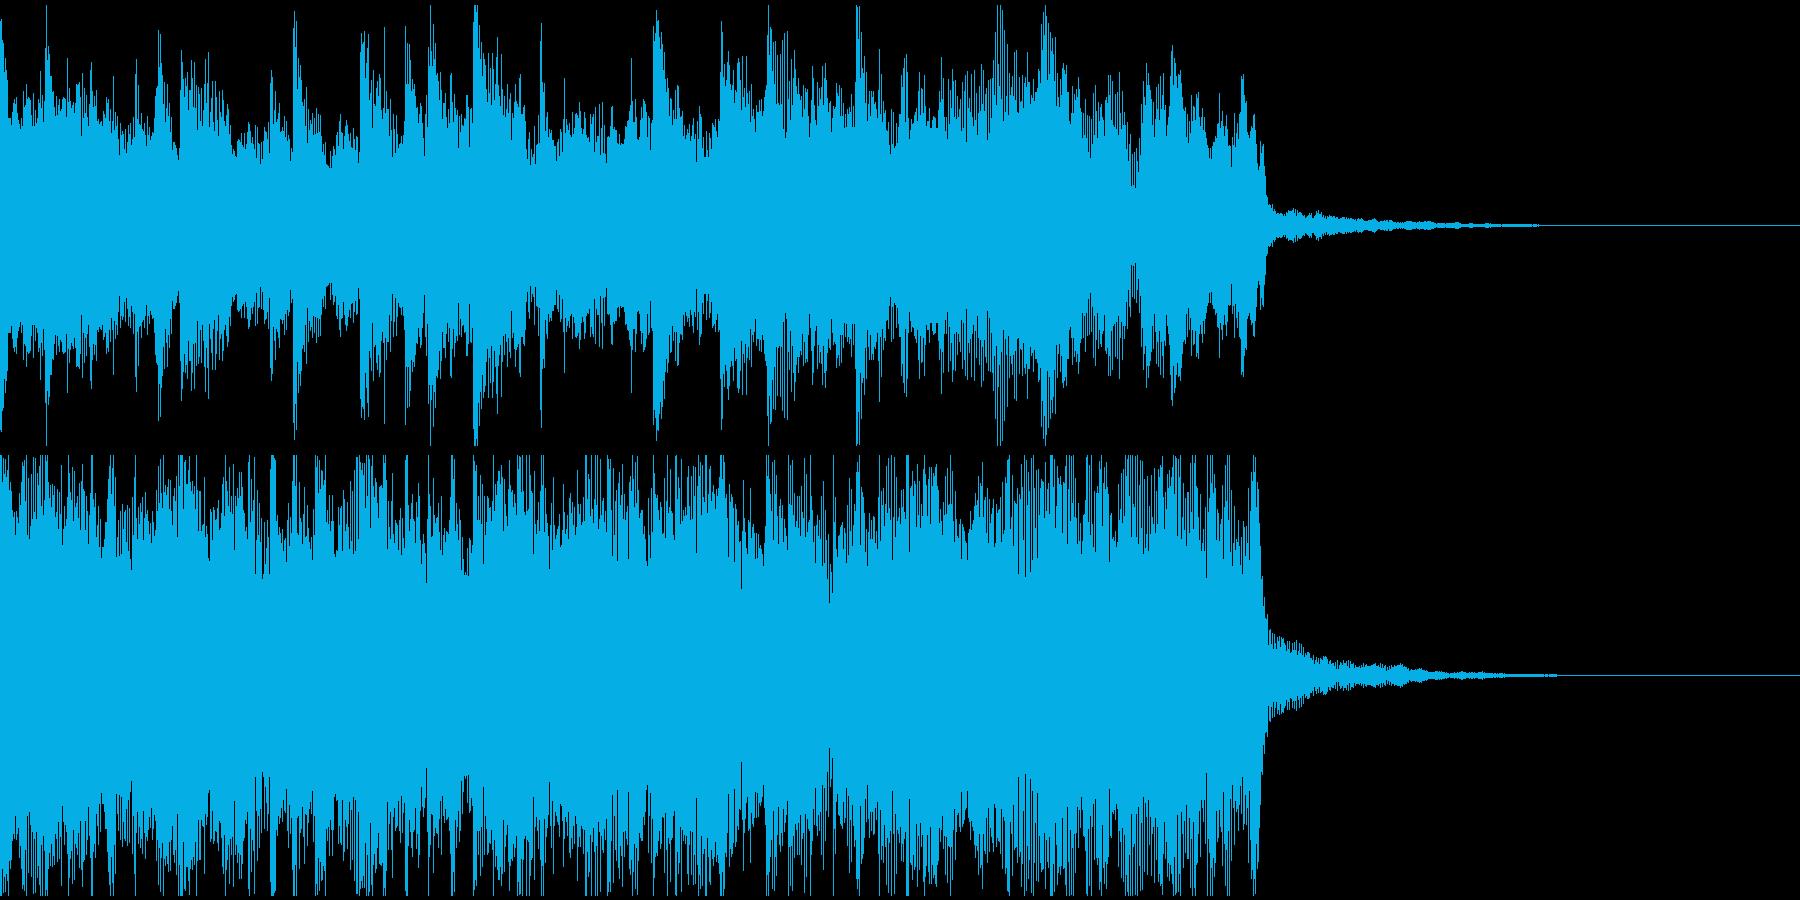 ピアノの旋律が感動を呼ぶ印象的なロゴ音の再生済みの波形